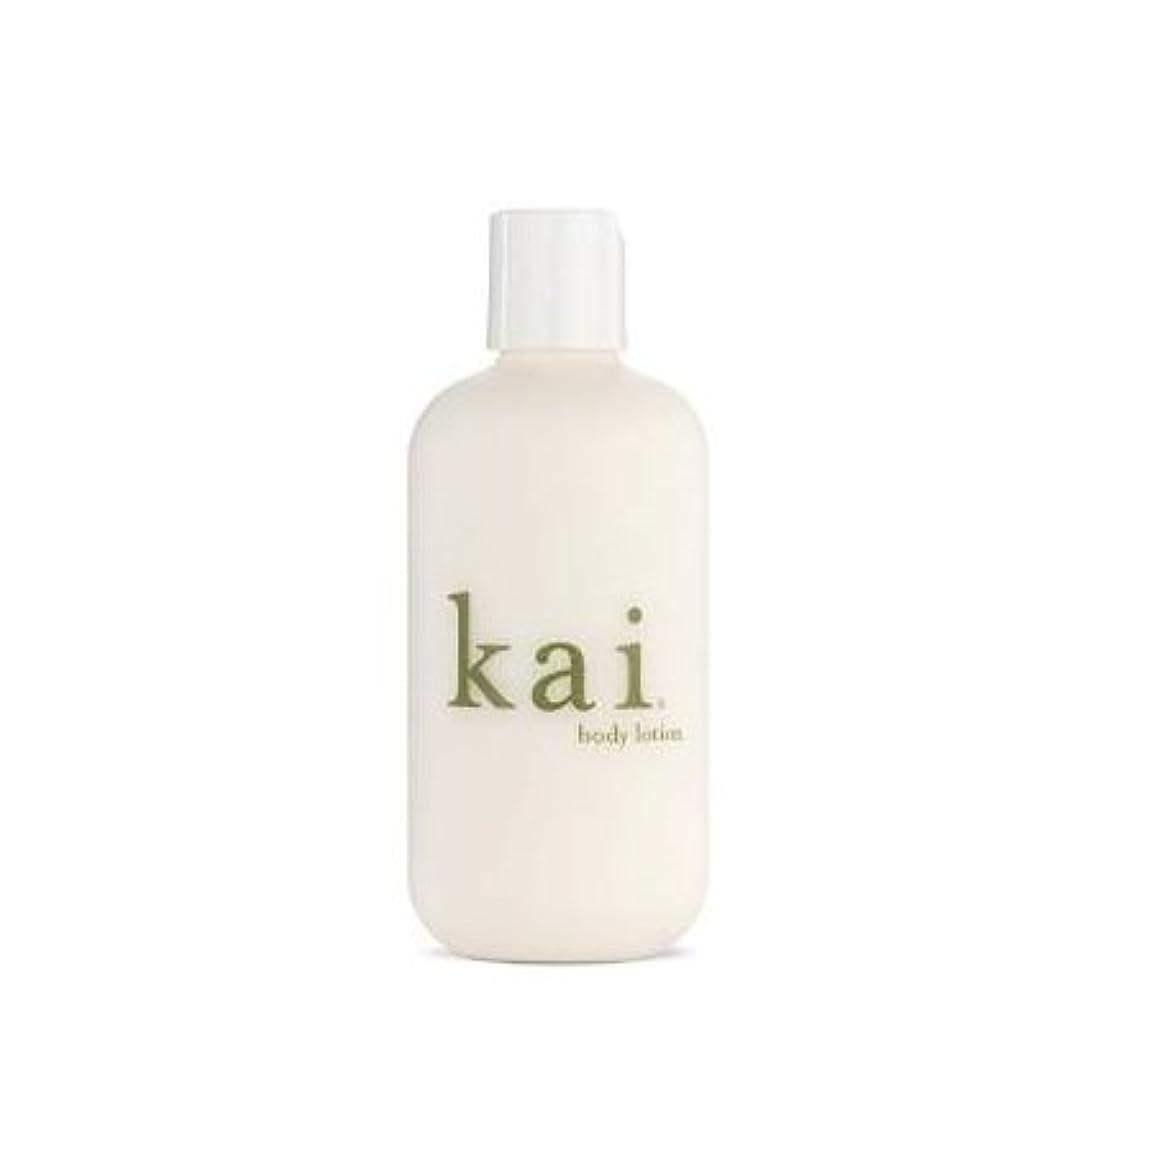 Kai Body Lotion (カイ ボディーローション) 8.0 oz (240ml) for Women